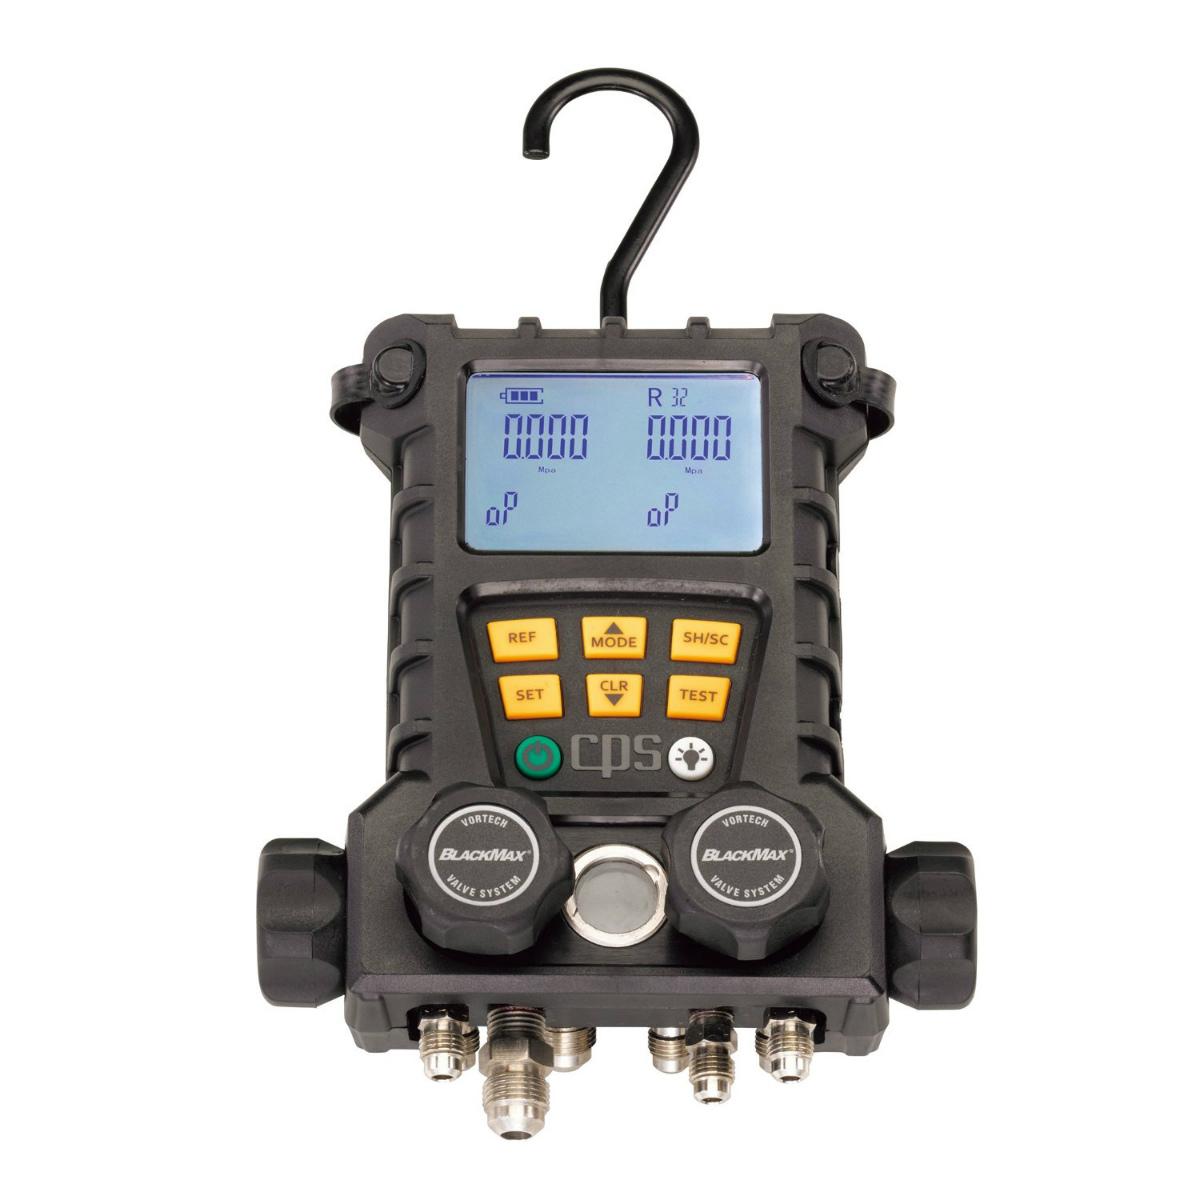 【代引不可】 TASCO (タスコ) 4バルブ式デジタルマニホールド TA122CZ-1 【メーカー直送品】